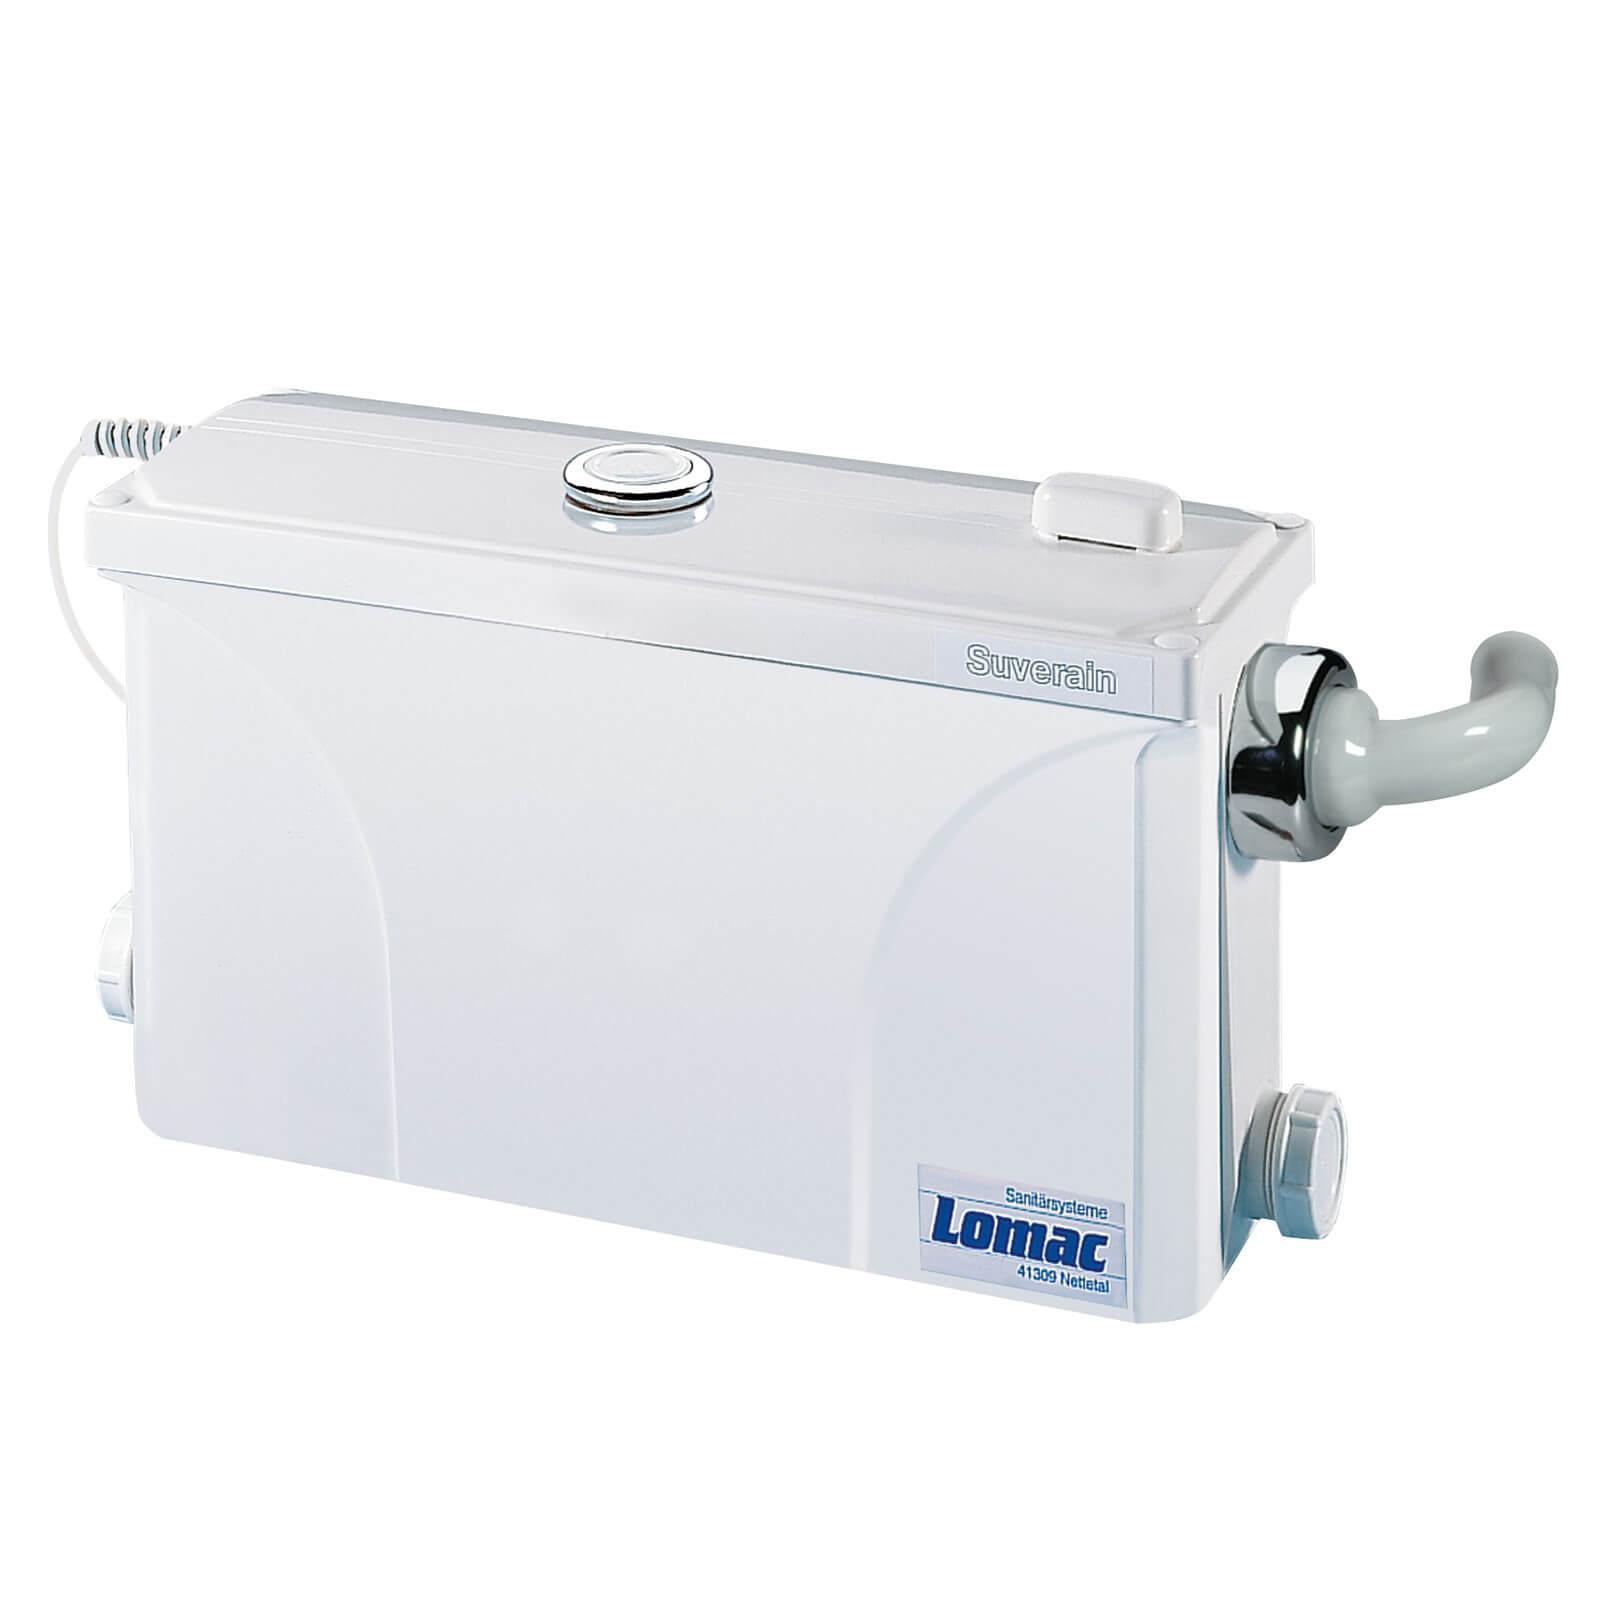 Lomac Suverain 30 Ffa A Waschbecken Hebeanlage Abwasserhebeanlage